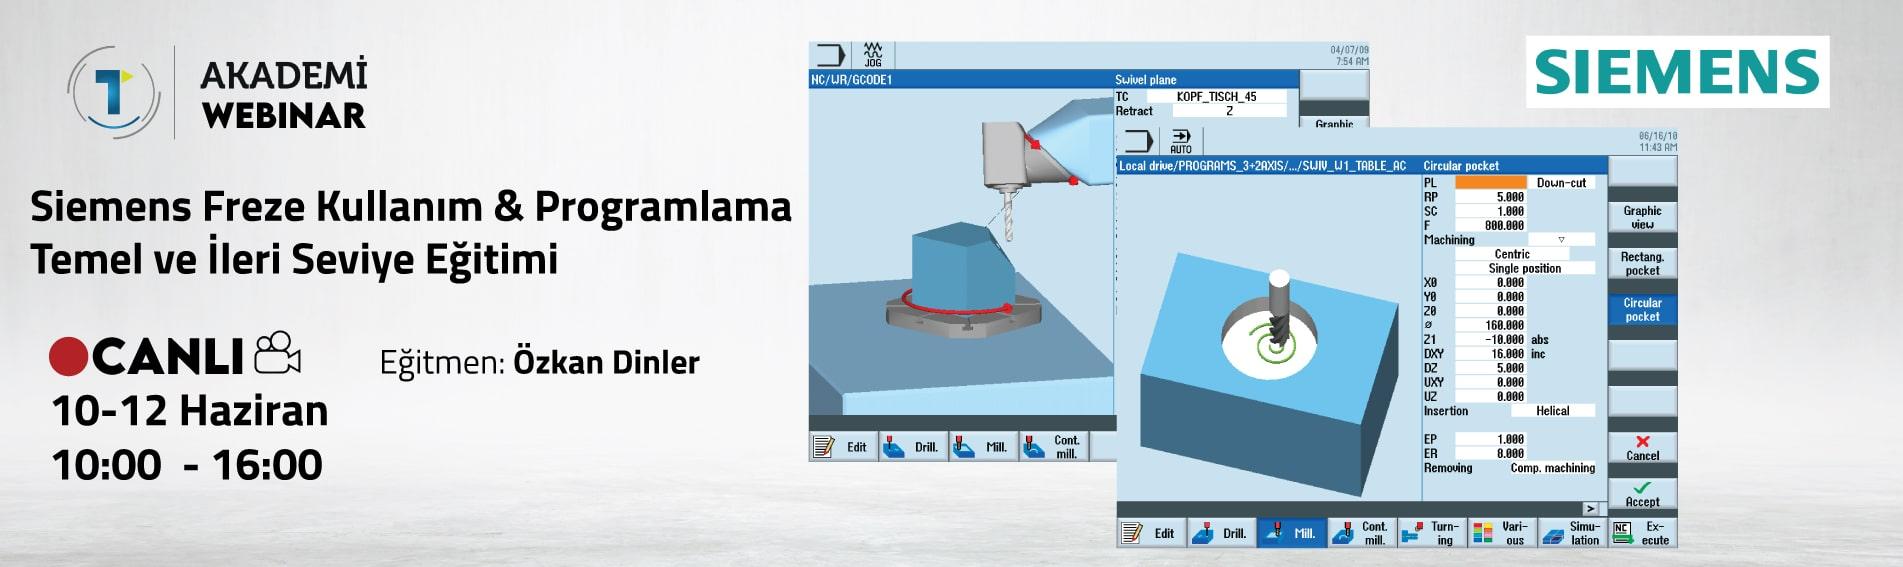 Siemens Freze Kullanım & Programlama Temel ve İleri Seviye Eğitimi